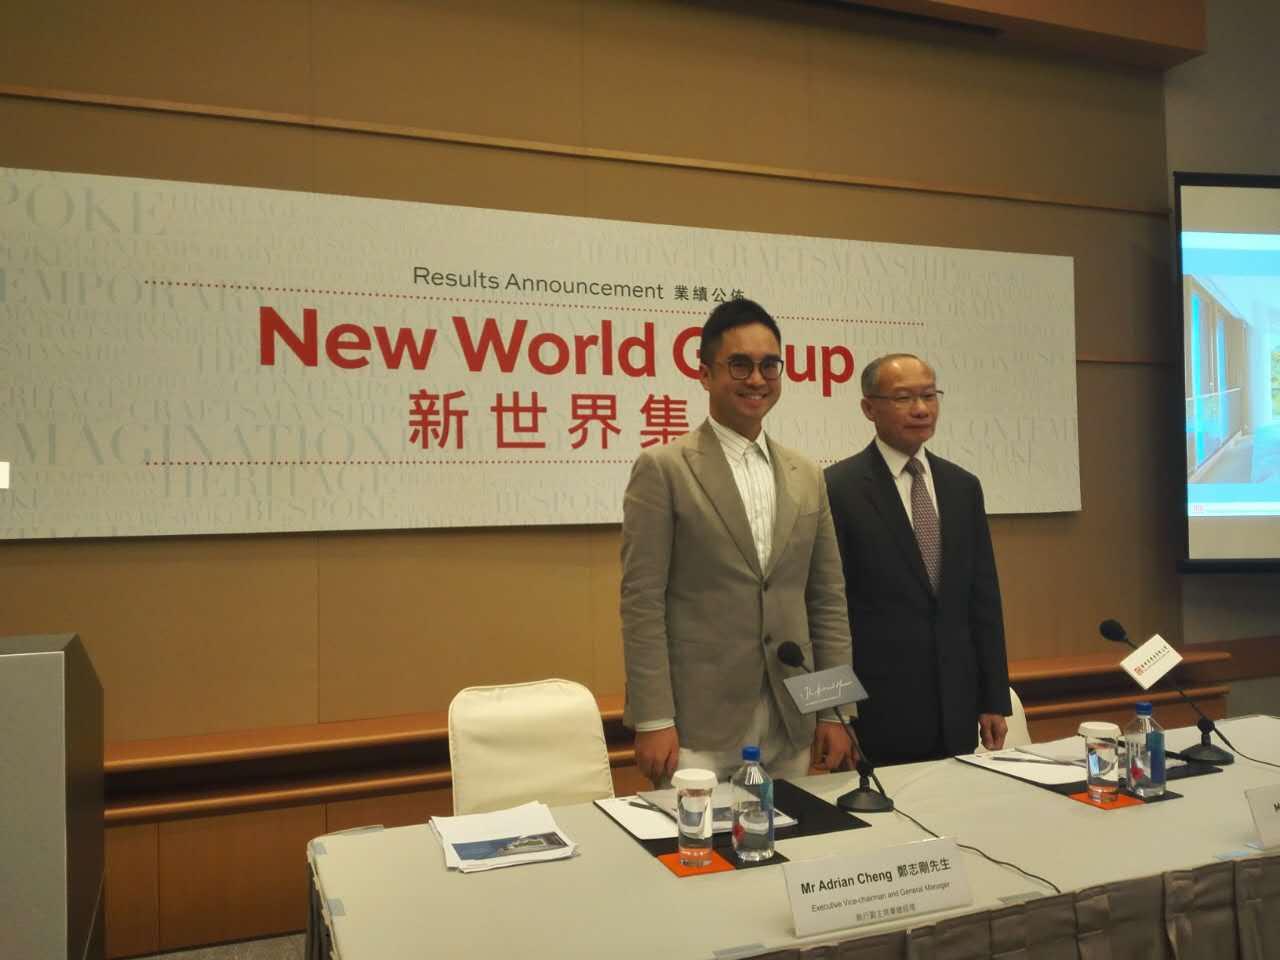 业绩会实录 新世界发展(00017):研究大学生首套房预留200亿内地买地